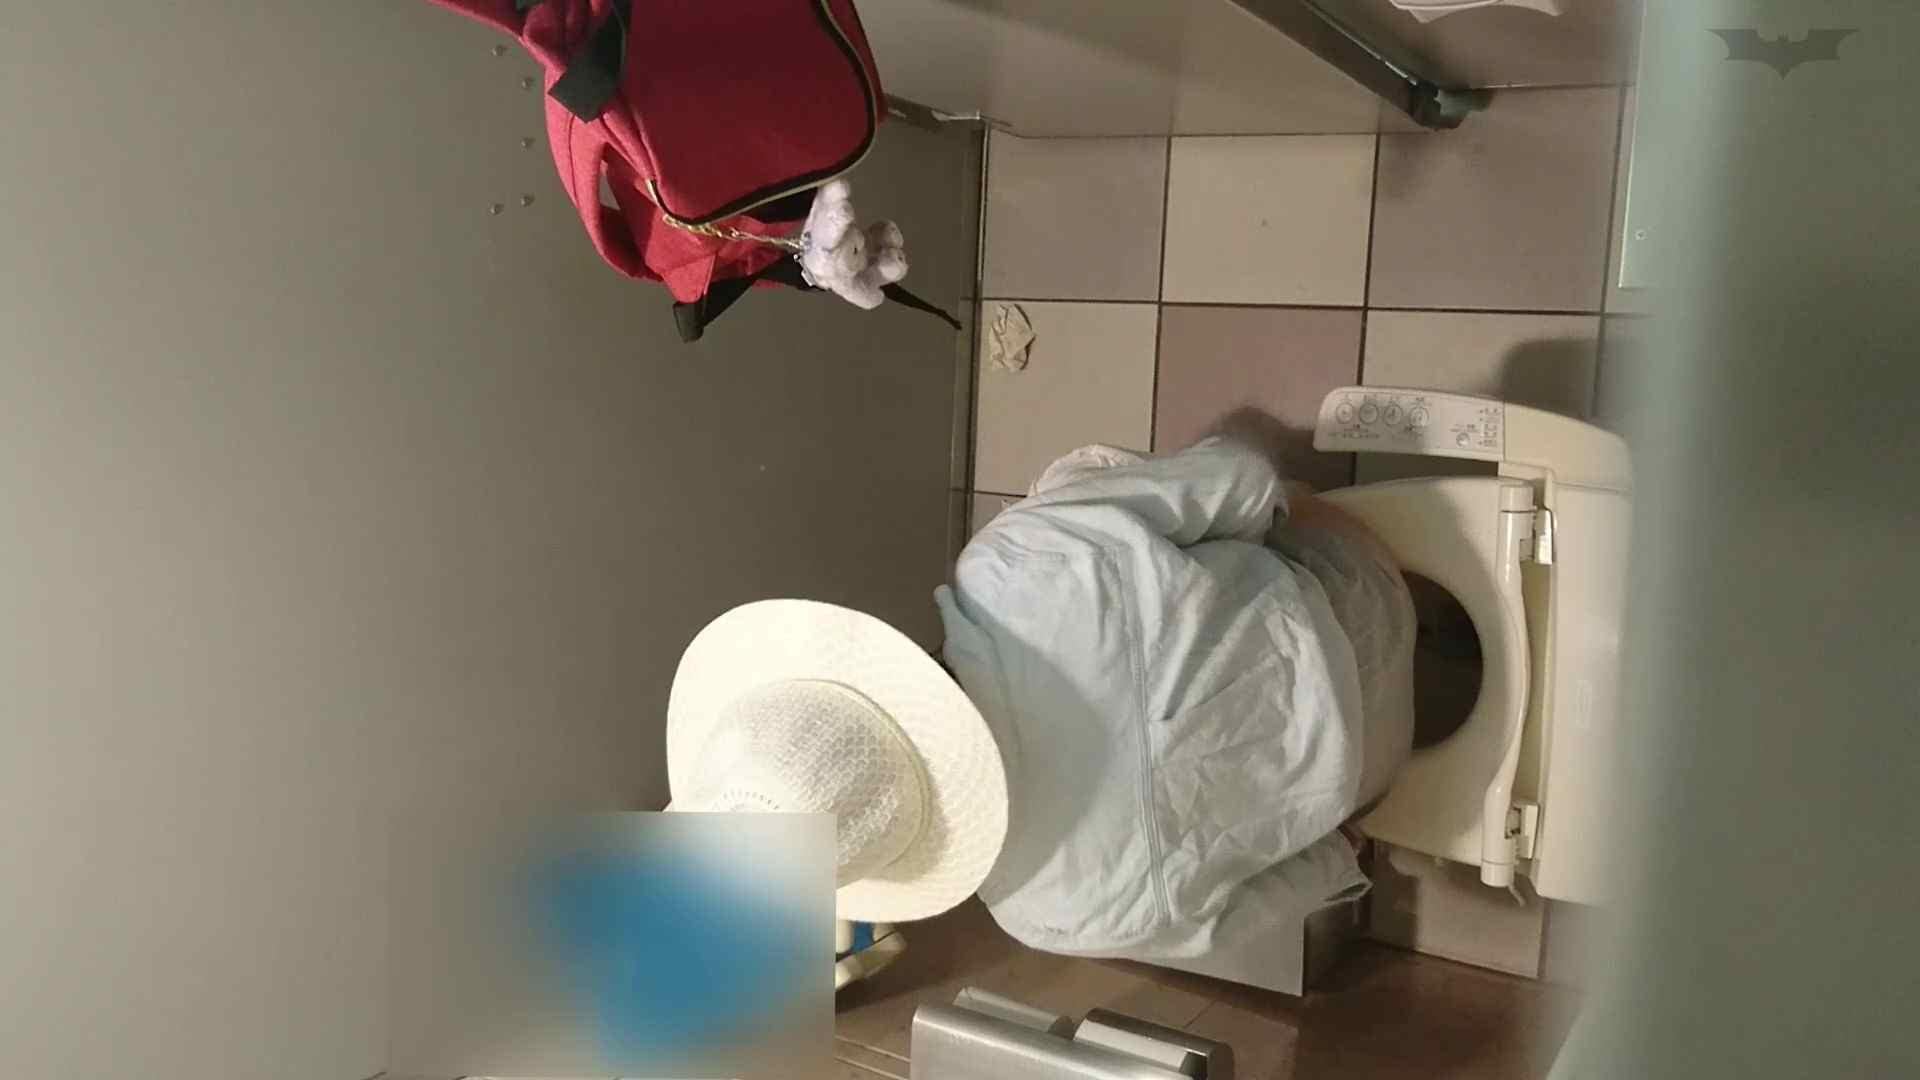 化粧室絵巻 ショッピングモール編 VOL.24 高評価 セックス無修正動画無料 109枚 106